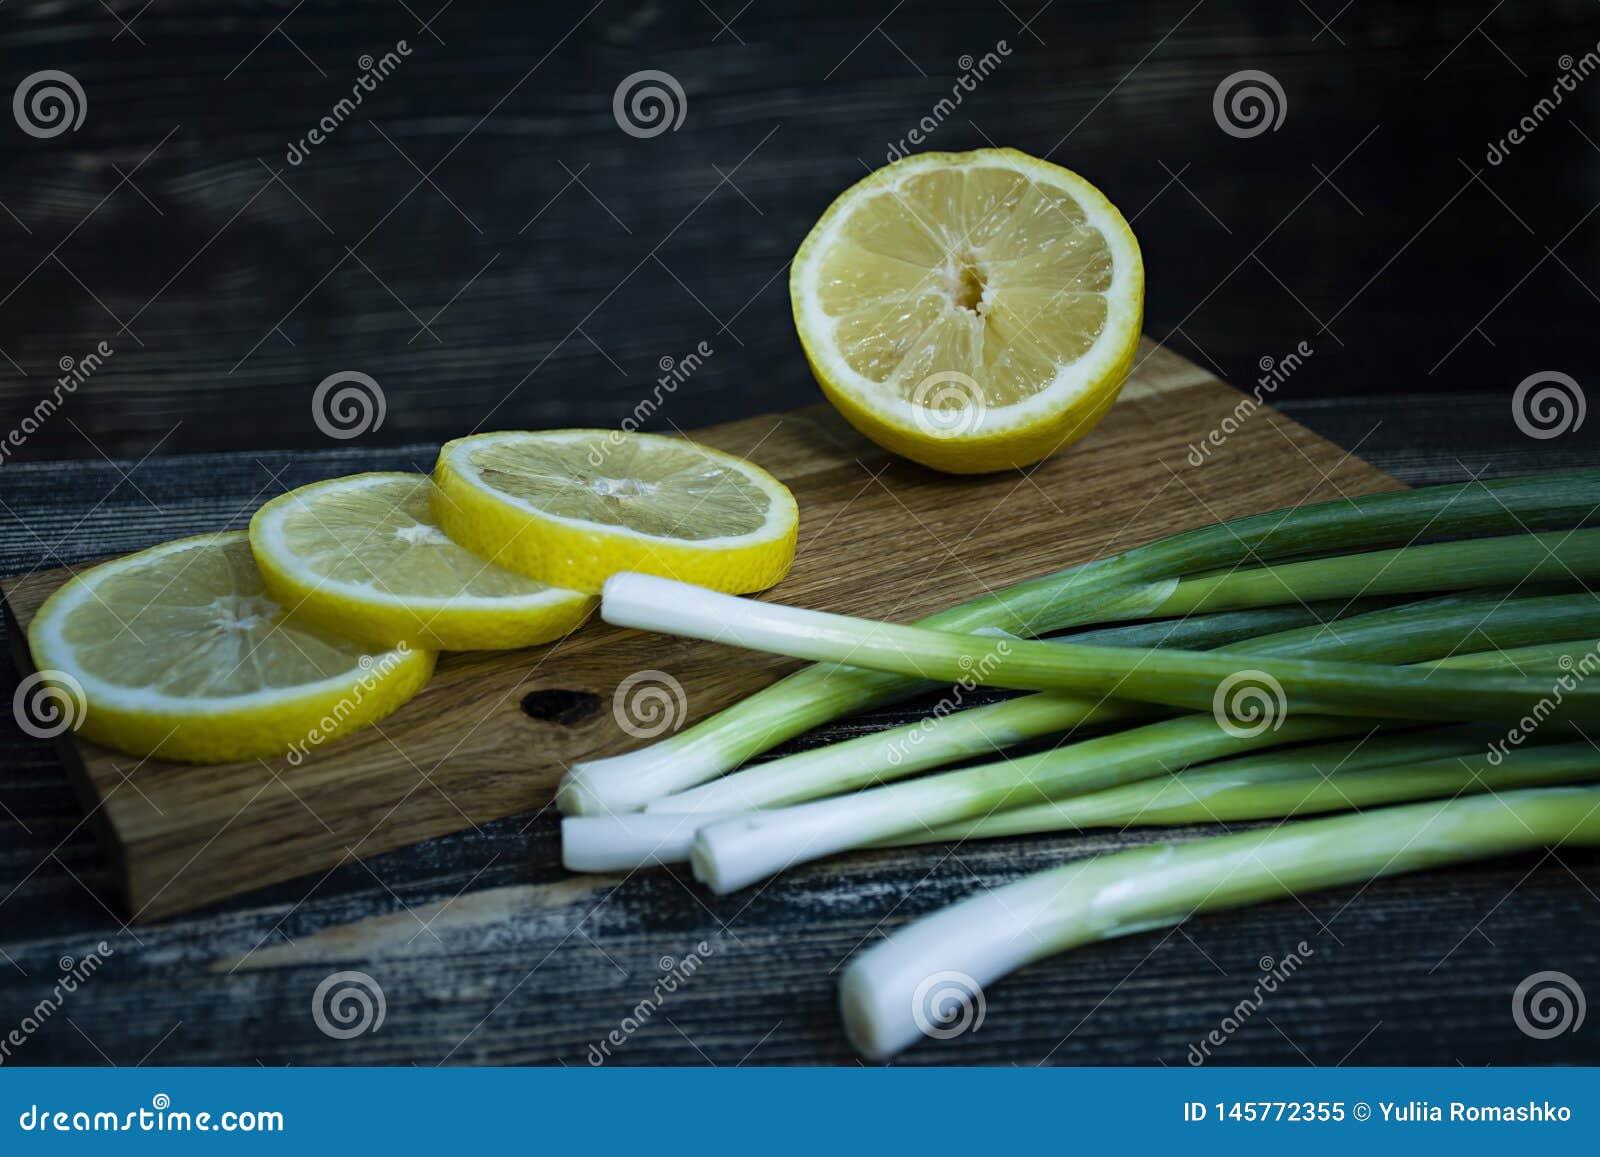 Oignons de ressort et citron de découpage en tranches sur un fond en bois foncé